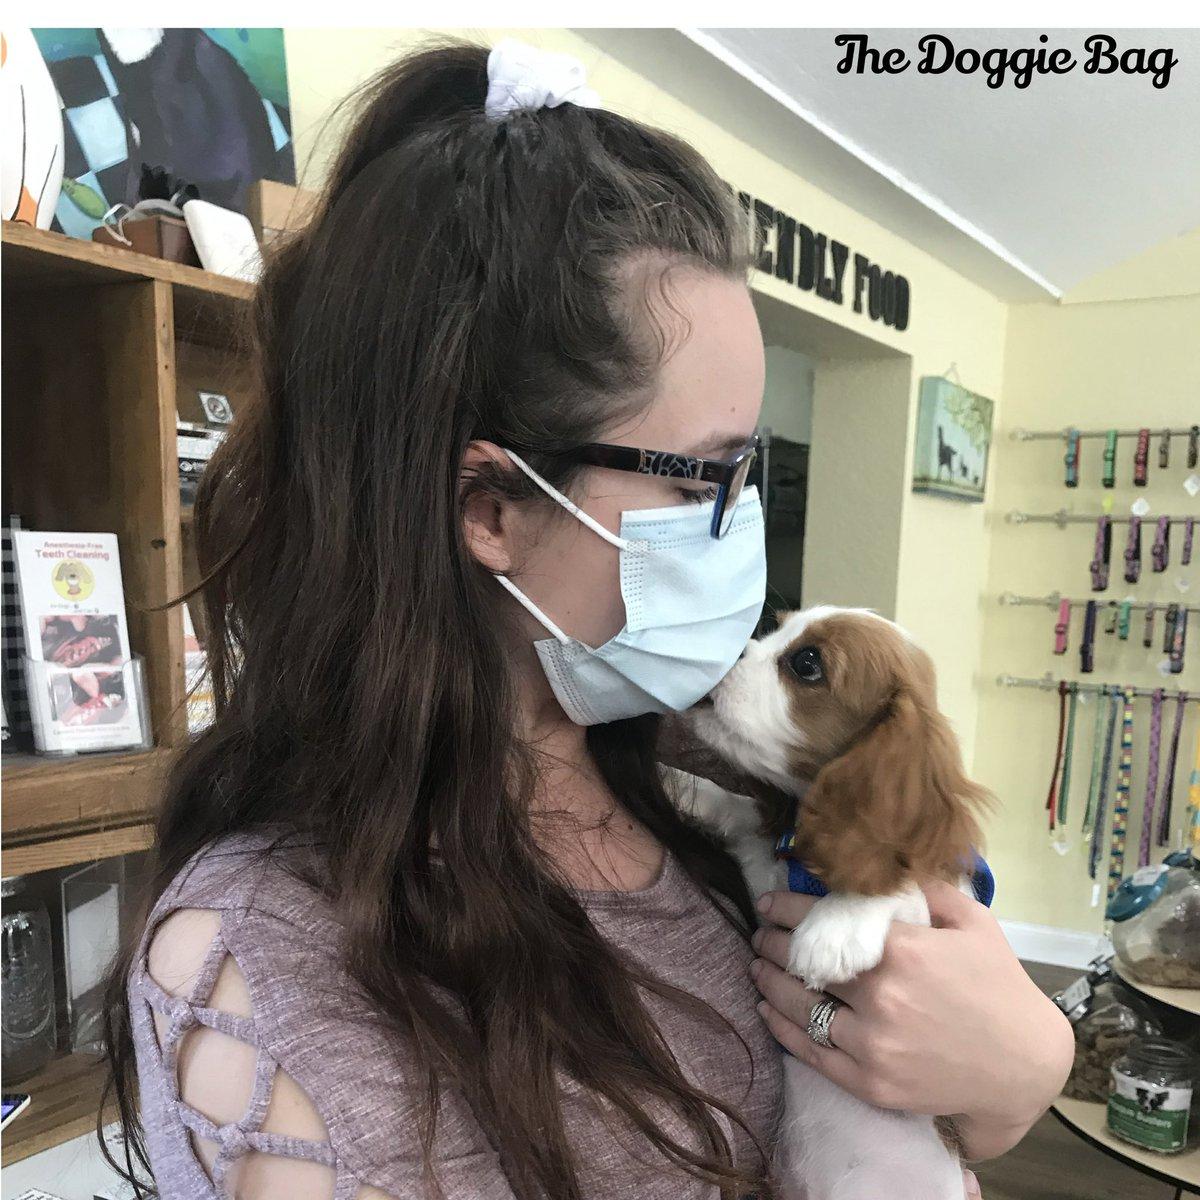 Masks can't stop Puppy Kisses @doggiebagboutique 😚  #puppylove #puppylife #puppy #cavalierkingcharlesspaniel #kingcharlescavalier #cavalier #thedoggiebag #petboutique #happyplace #dogsoflakeland #dogmomsoflkld #lakelandflorida #lakelandfl